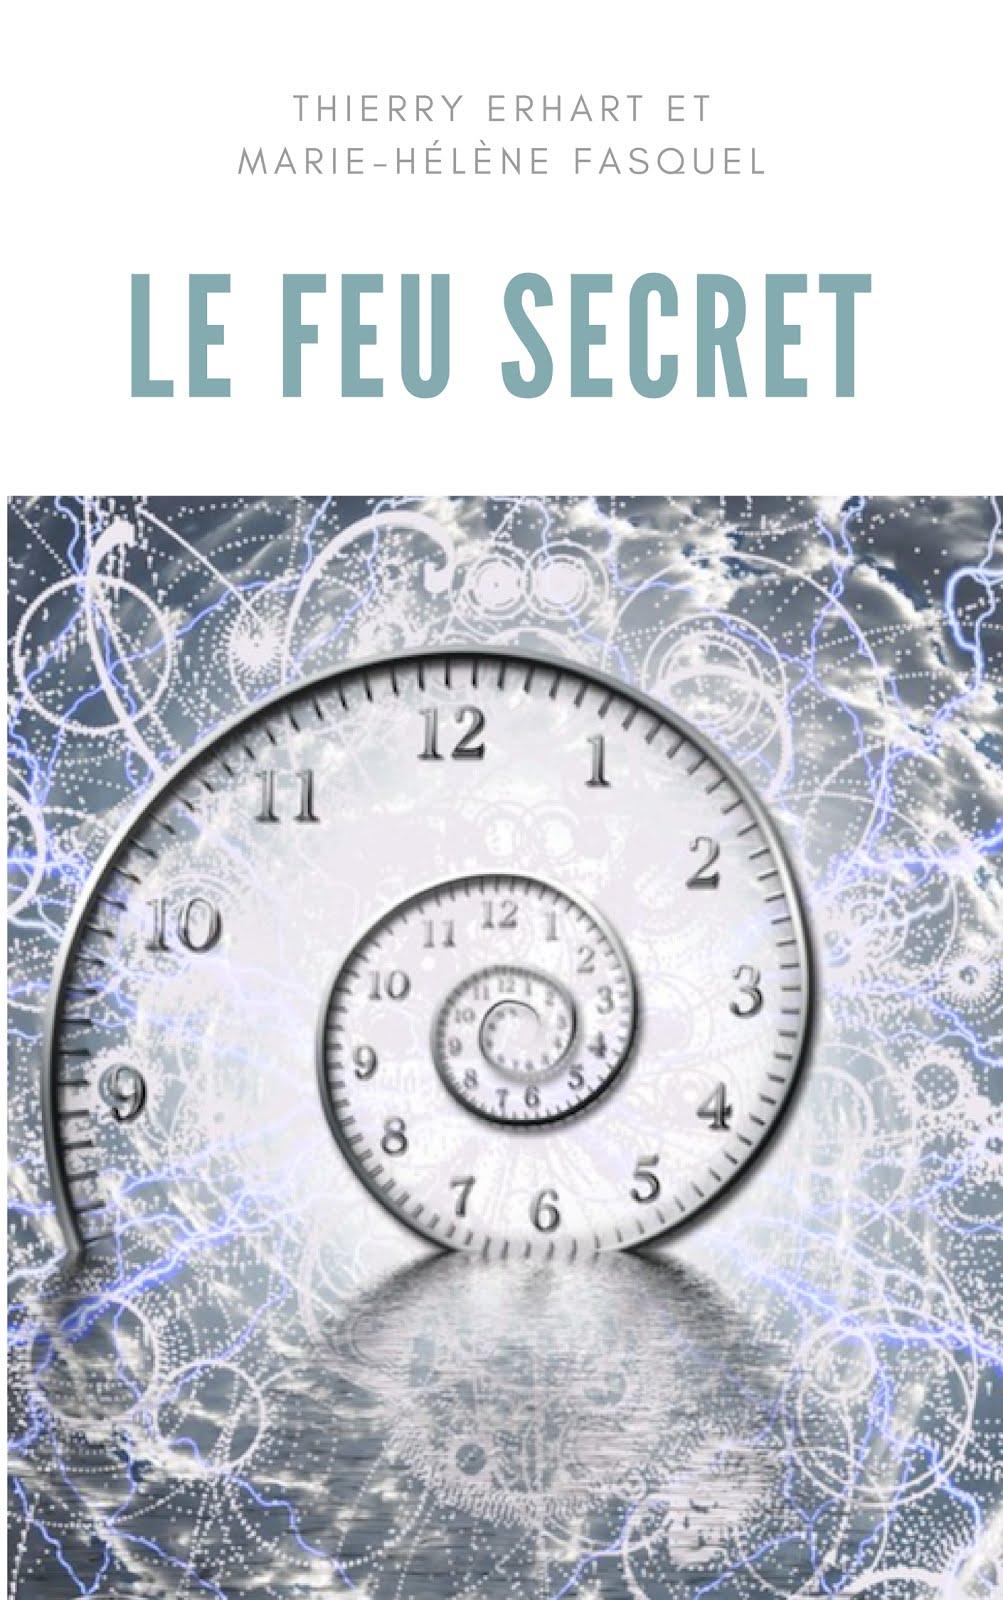 Parution le 21 janvier 2019 aux Editions Nouvelle Bibliothèque - Couverture Provisoire